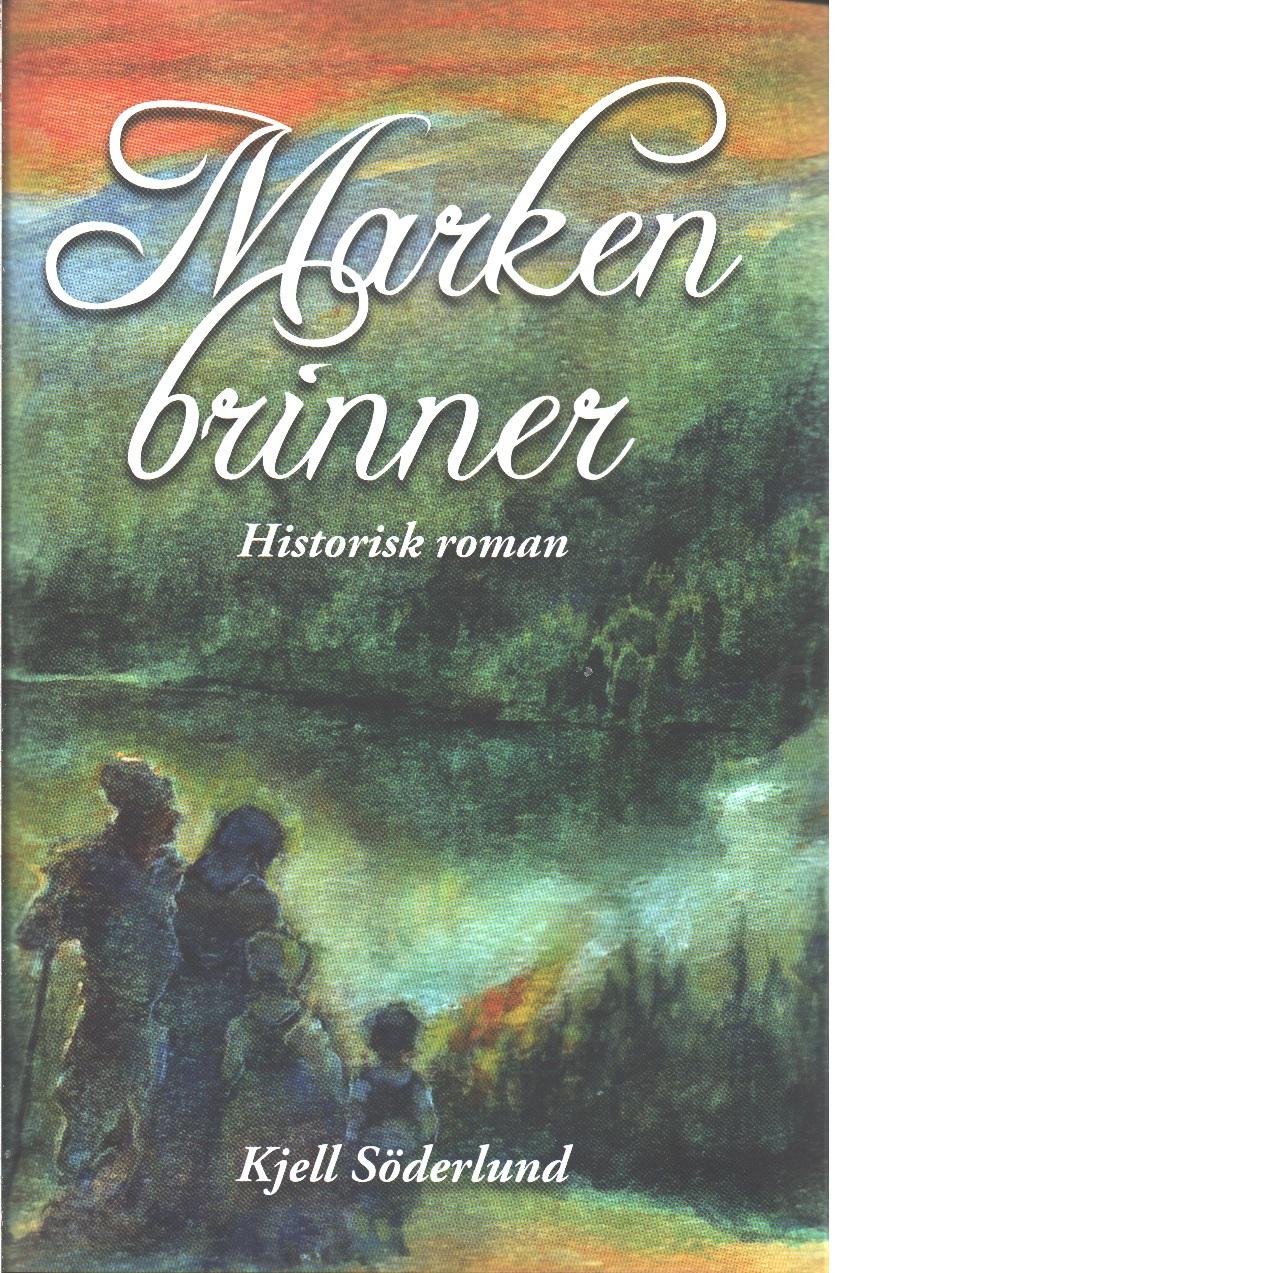 Marken brinner : historisk roman om ett folk som kom att kolonisera stora delar av Sverige  - Söderlund, Kjell